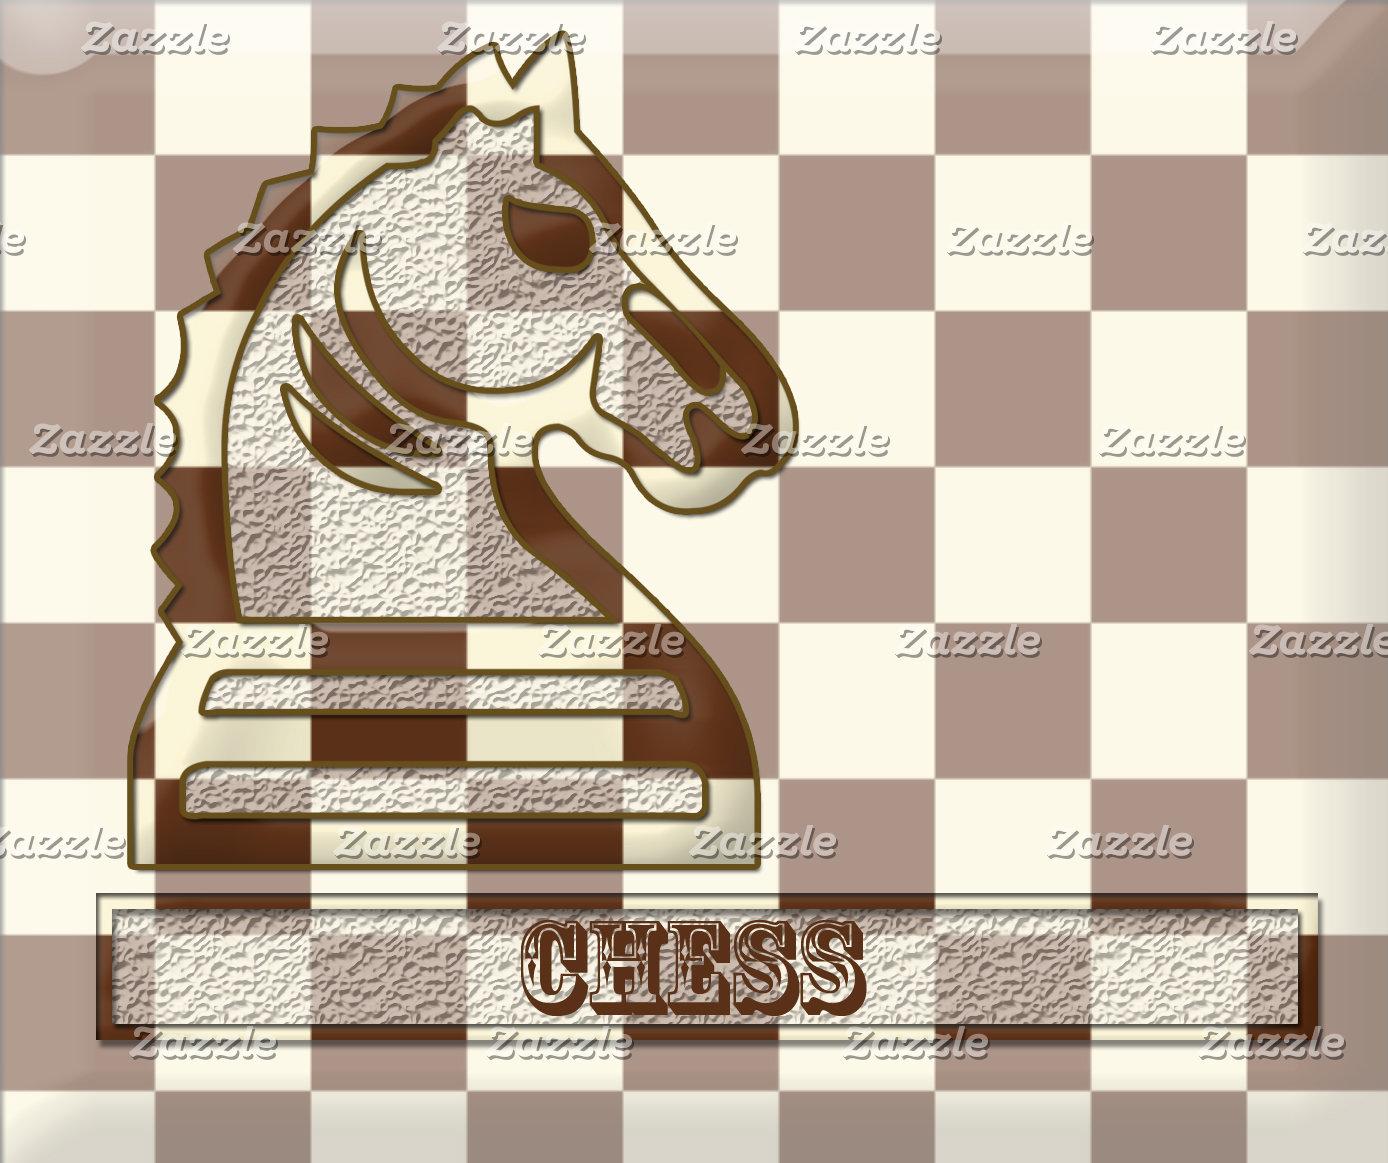 * Chess